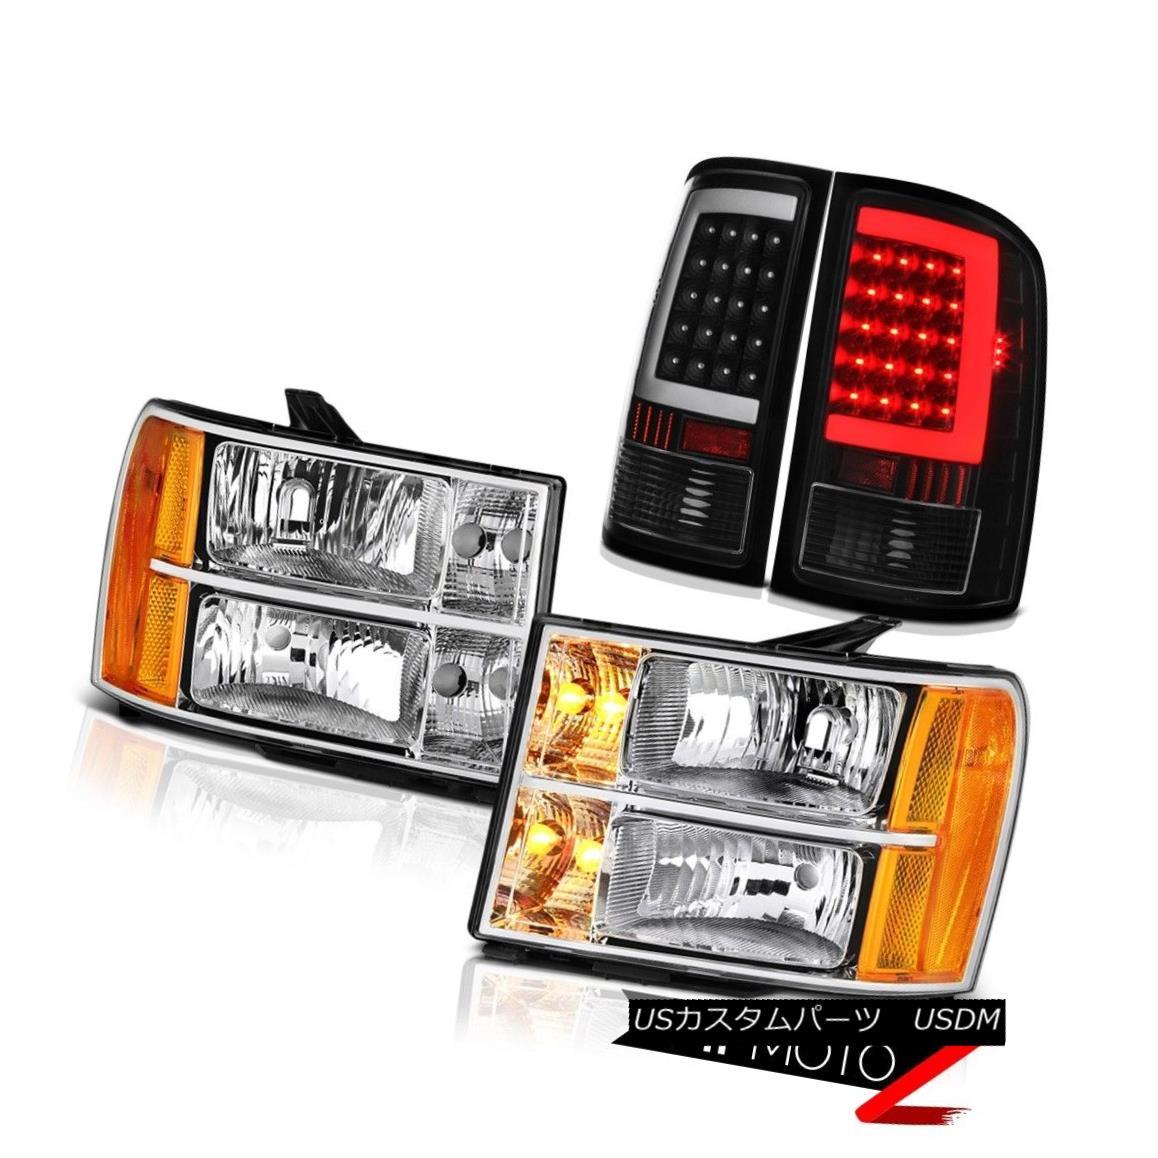 テールライト 08-14 Gmc Sierra 3500 SL Rear Brake Lights Headlamps OLED Prism